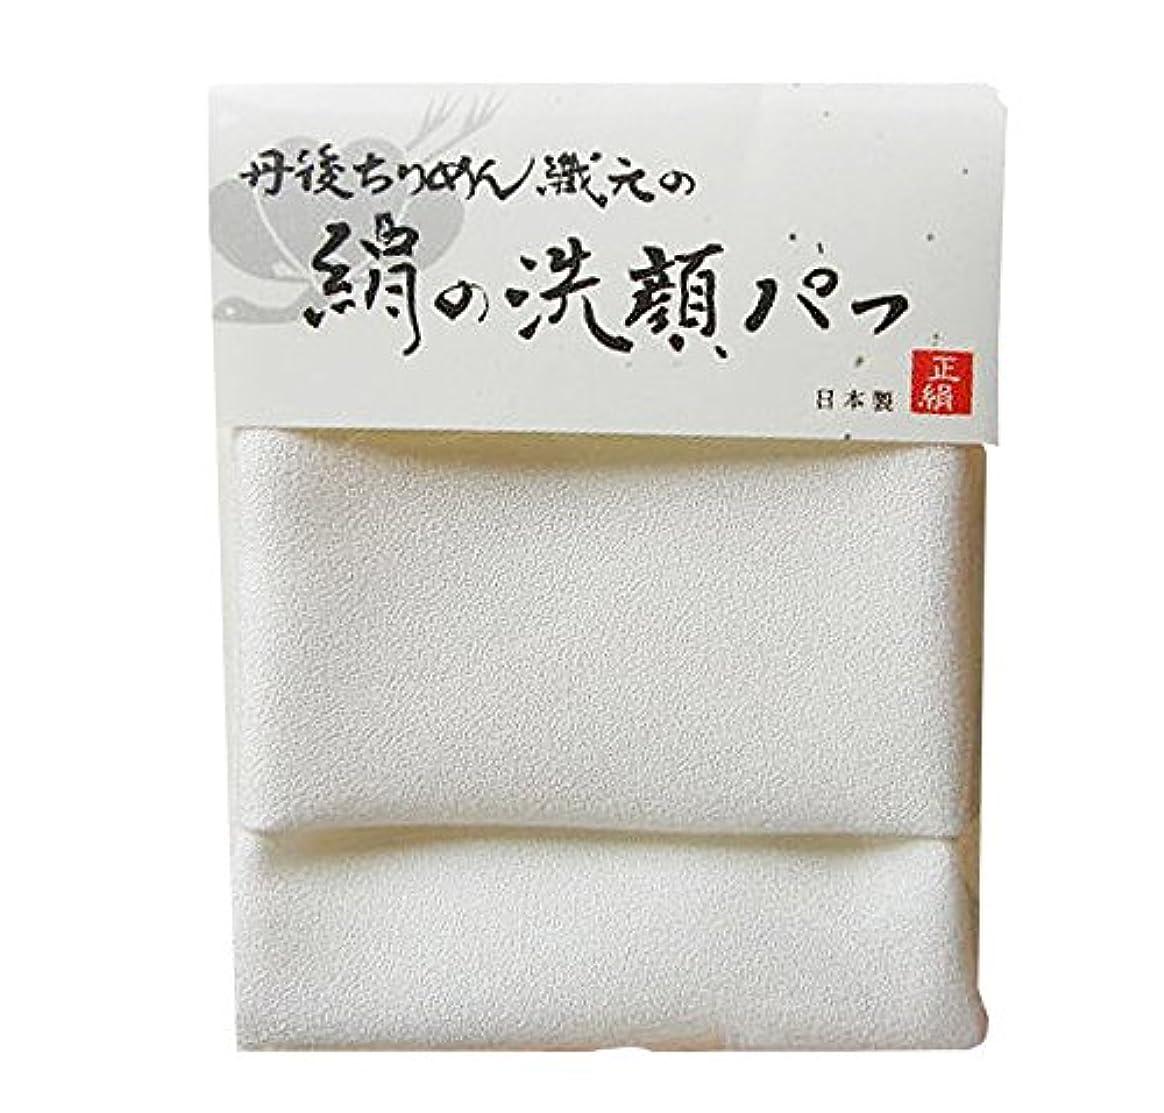 ビルダー疑問に思う命令的【NHKイッピンで紹介!】丹後ちりめん織元の絹の洗顔パフ